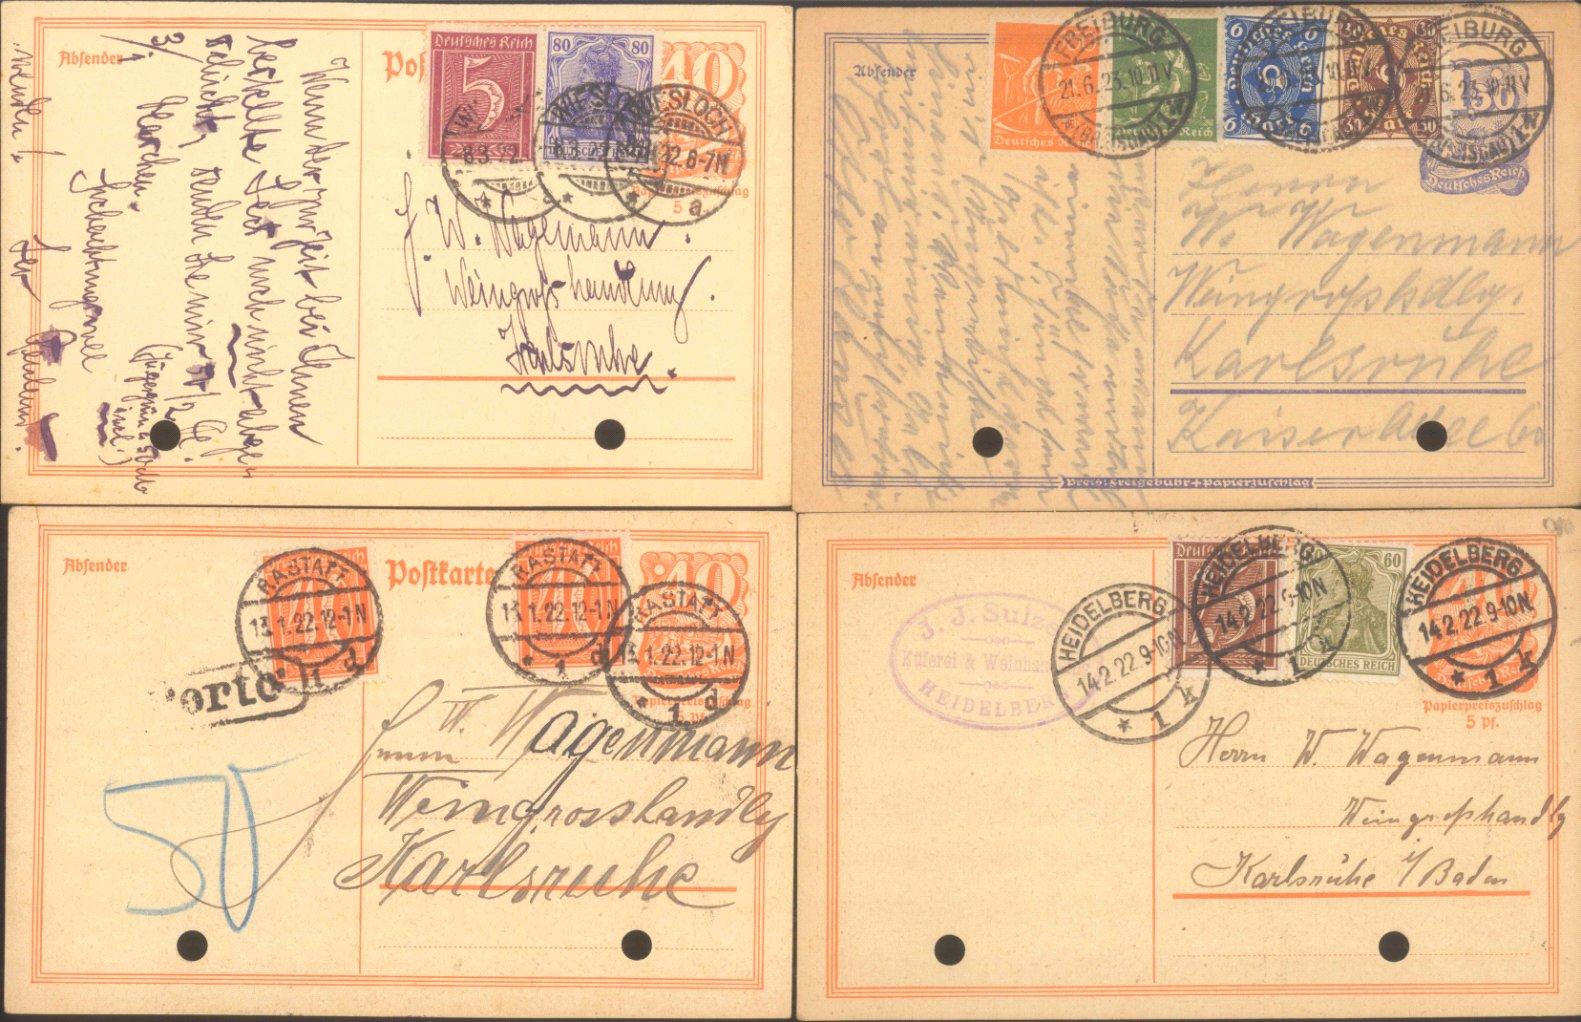 DEUTSCHES REICH INFLATION 1918-1922-1